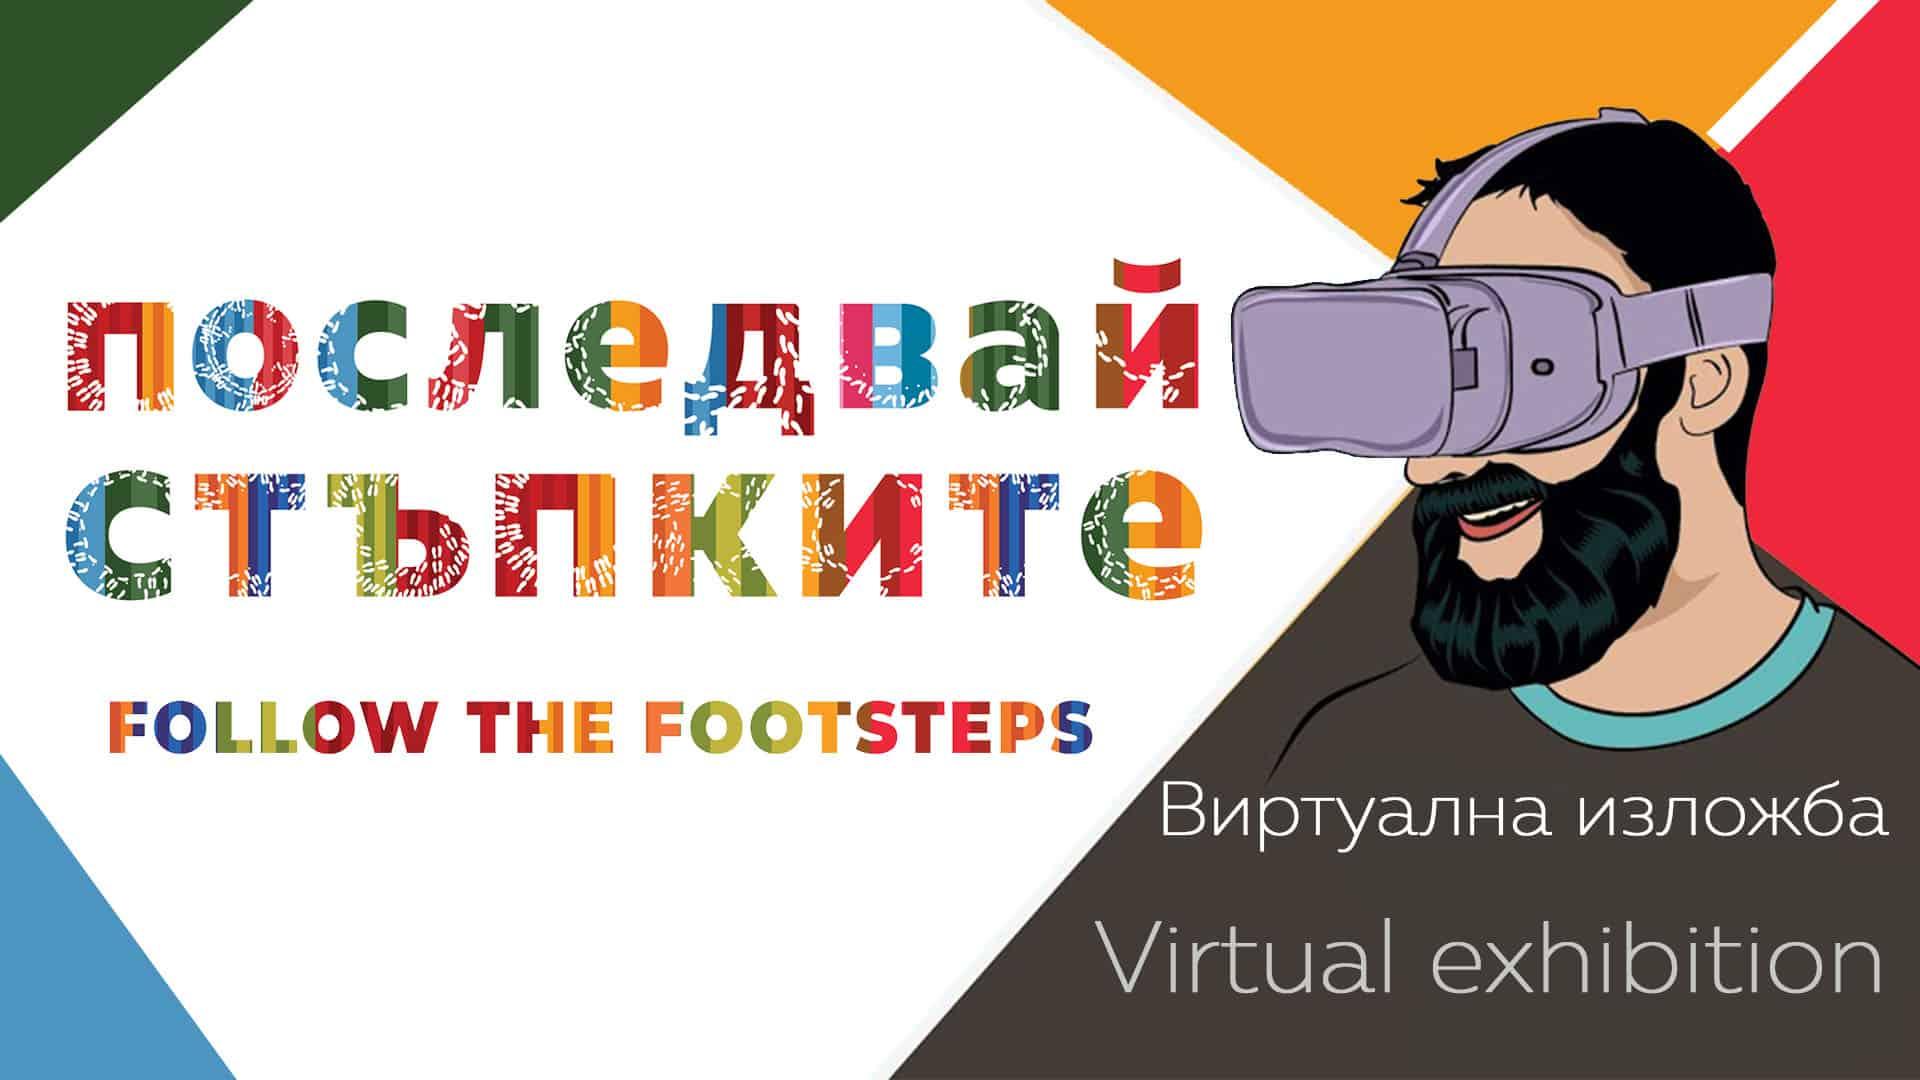 виртуална изложба с фигури от български хора